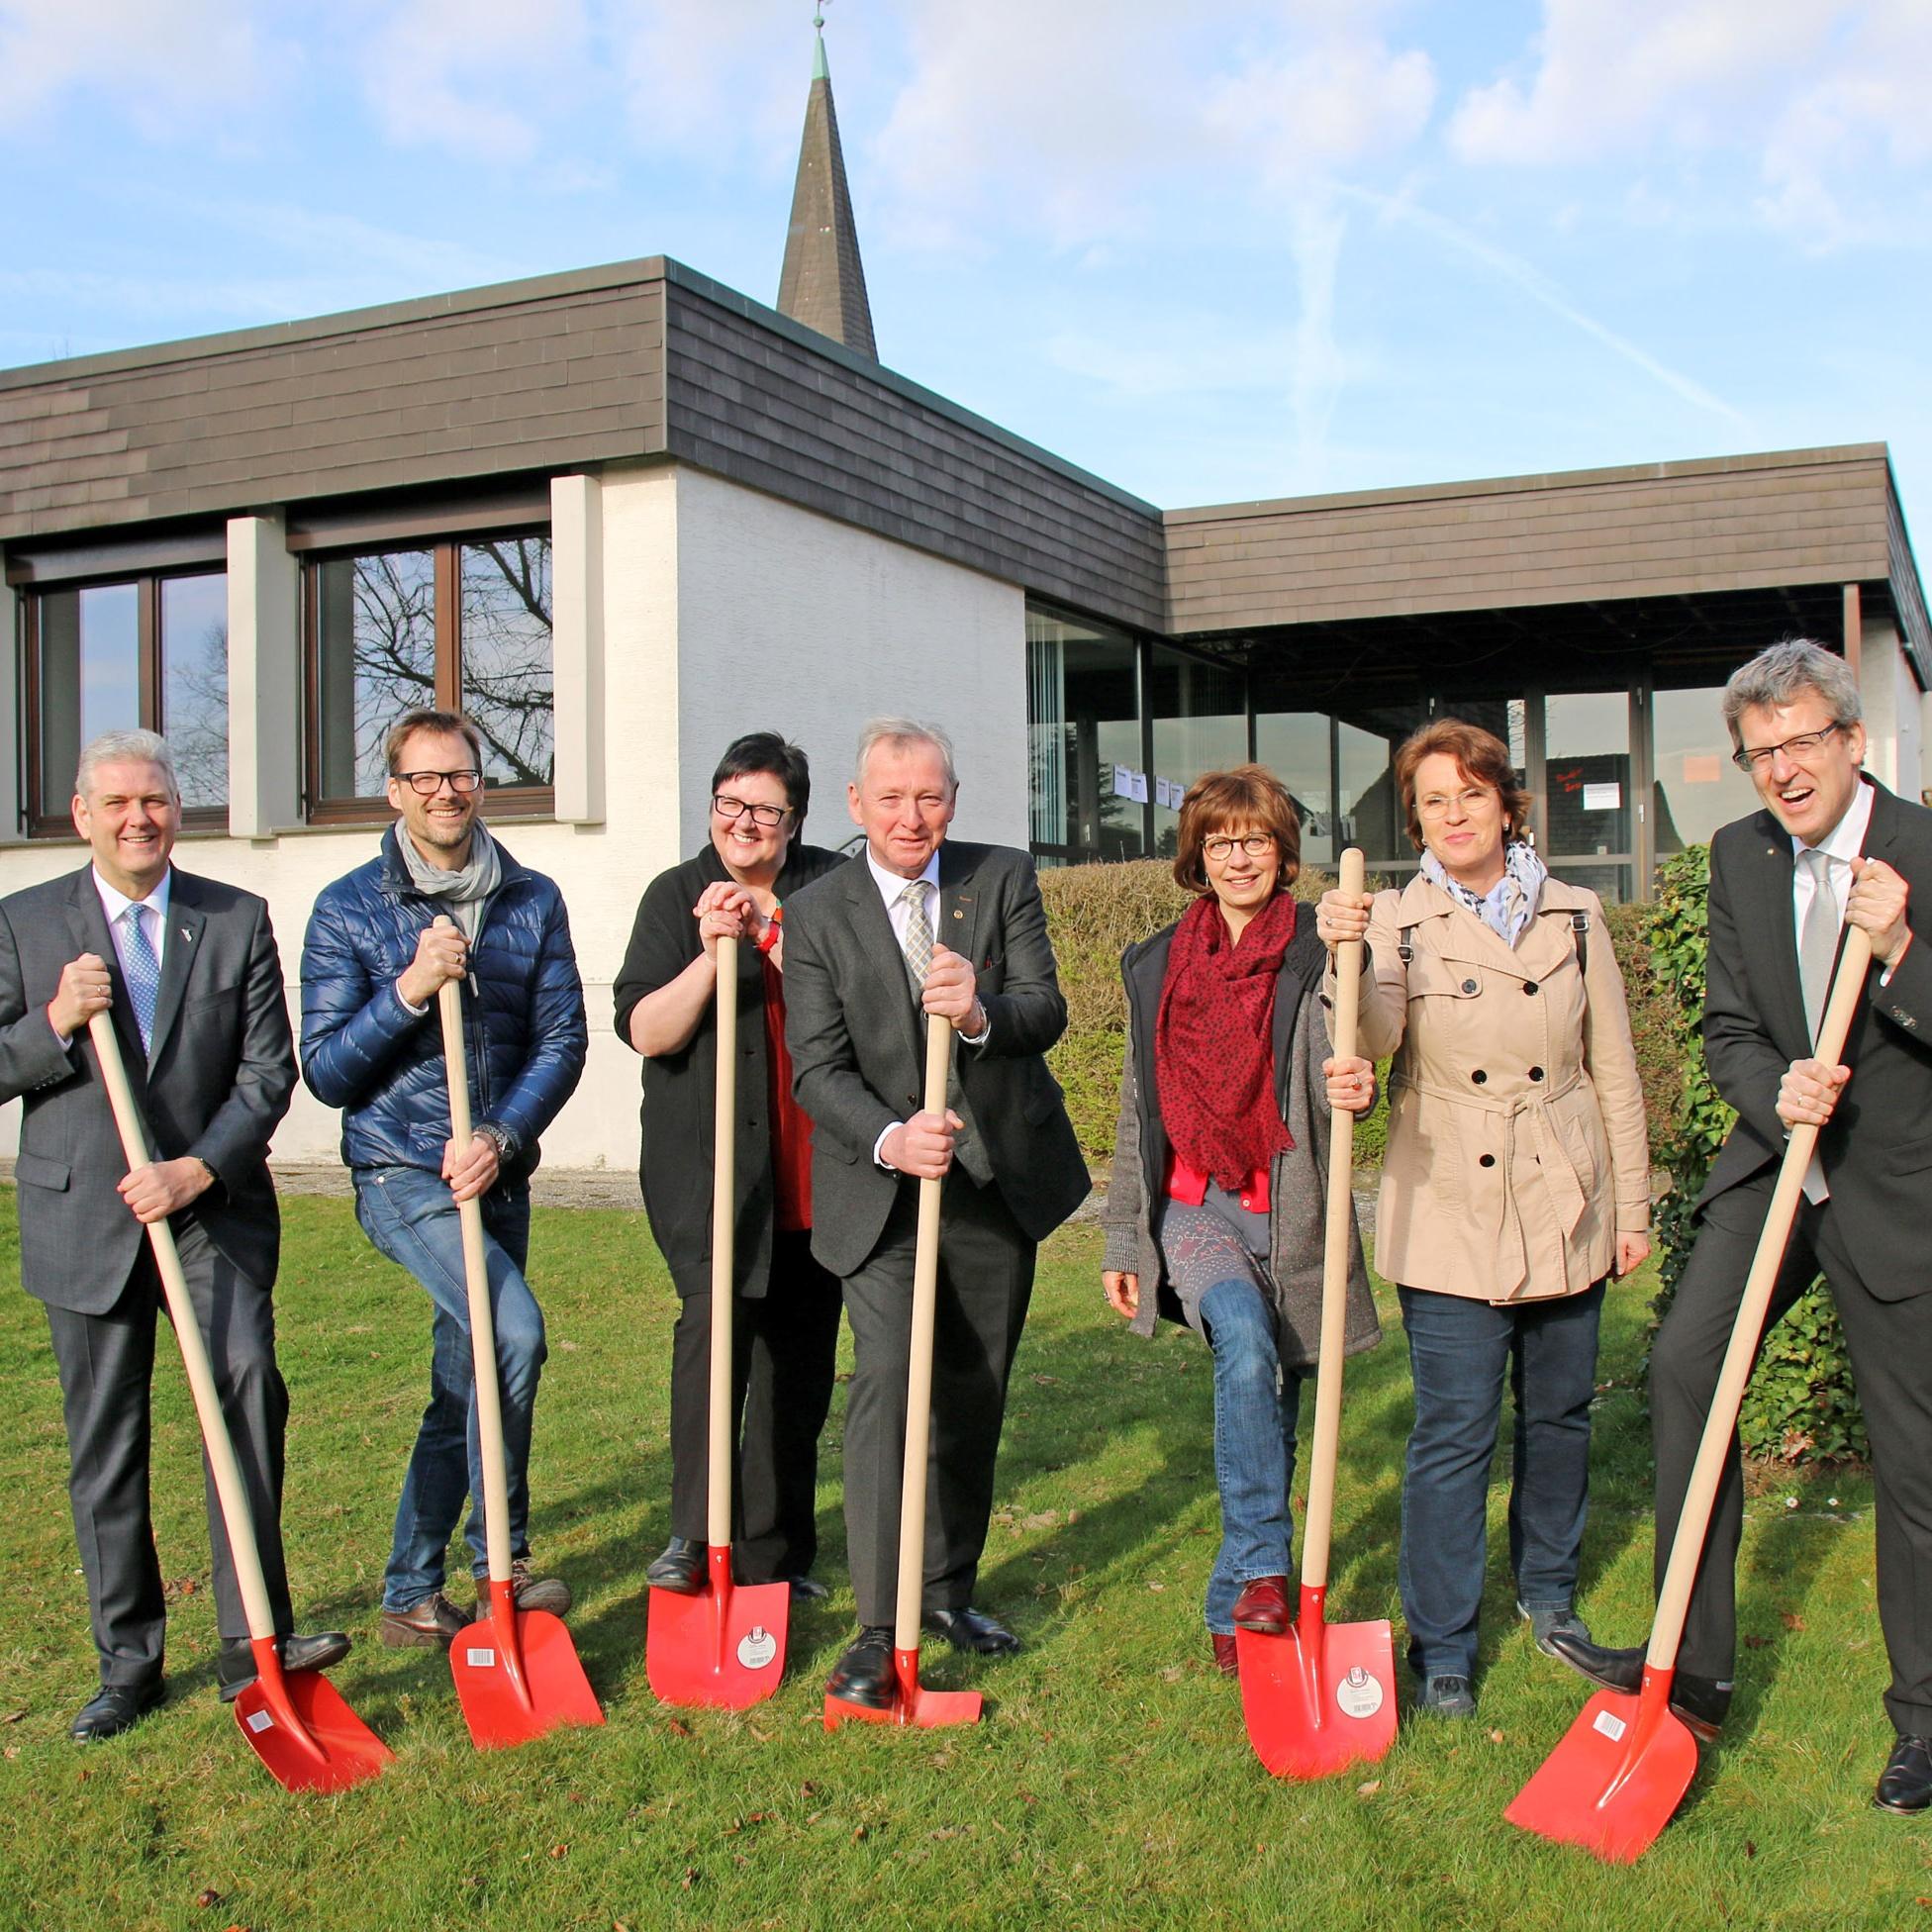 Nach Spatenstich haben die Handwerker das Sagen GRUNDSANIERUNG des Gemeindezentrums Delbrück